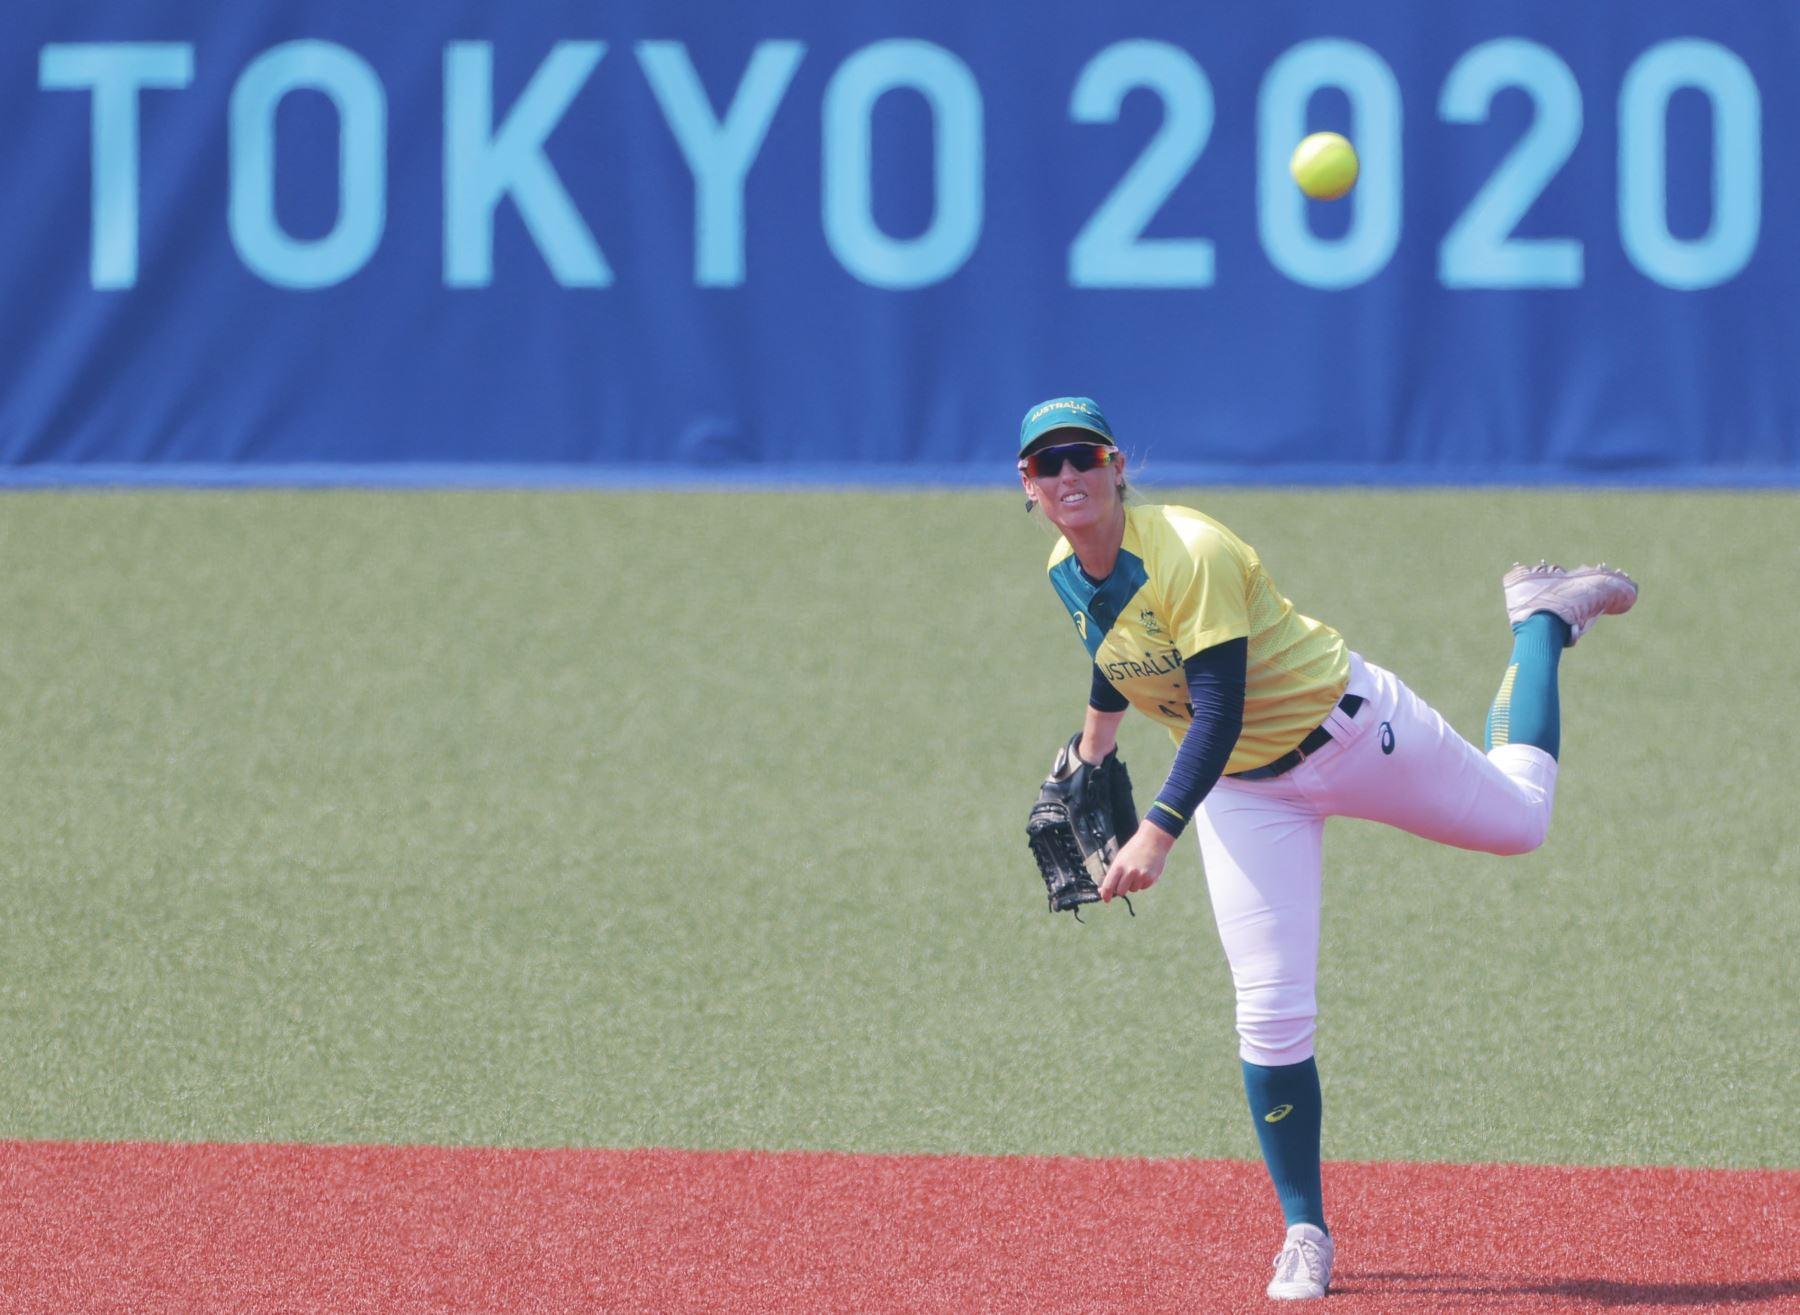 Japón abre los Juegos Olímpicos con triunfo 8-1 ante Australia en el sóftbol